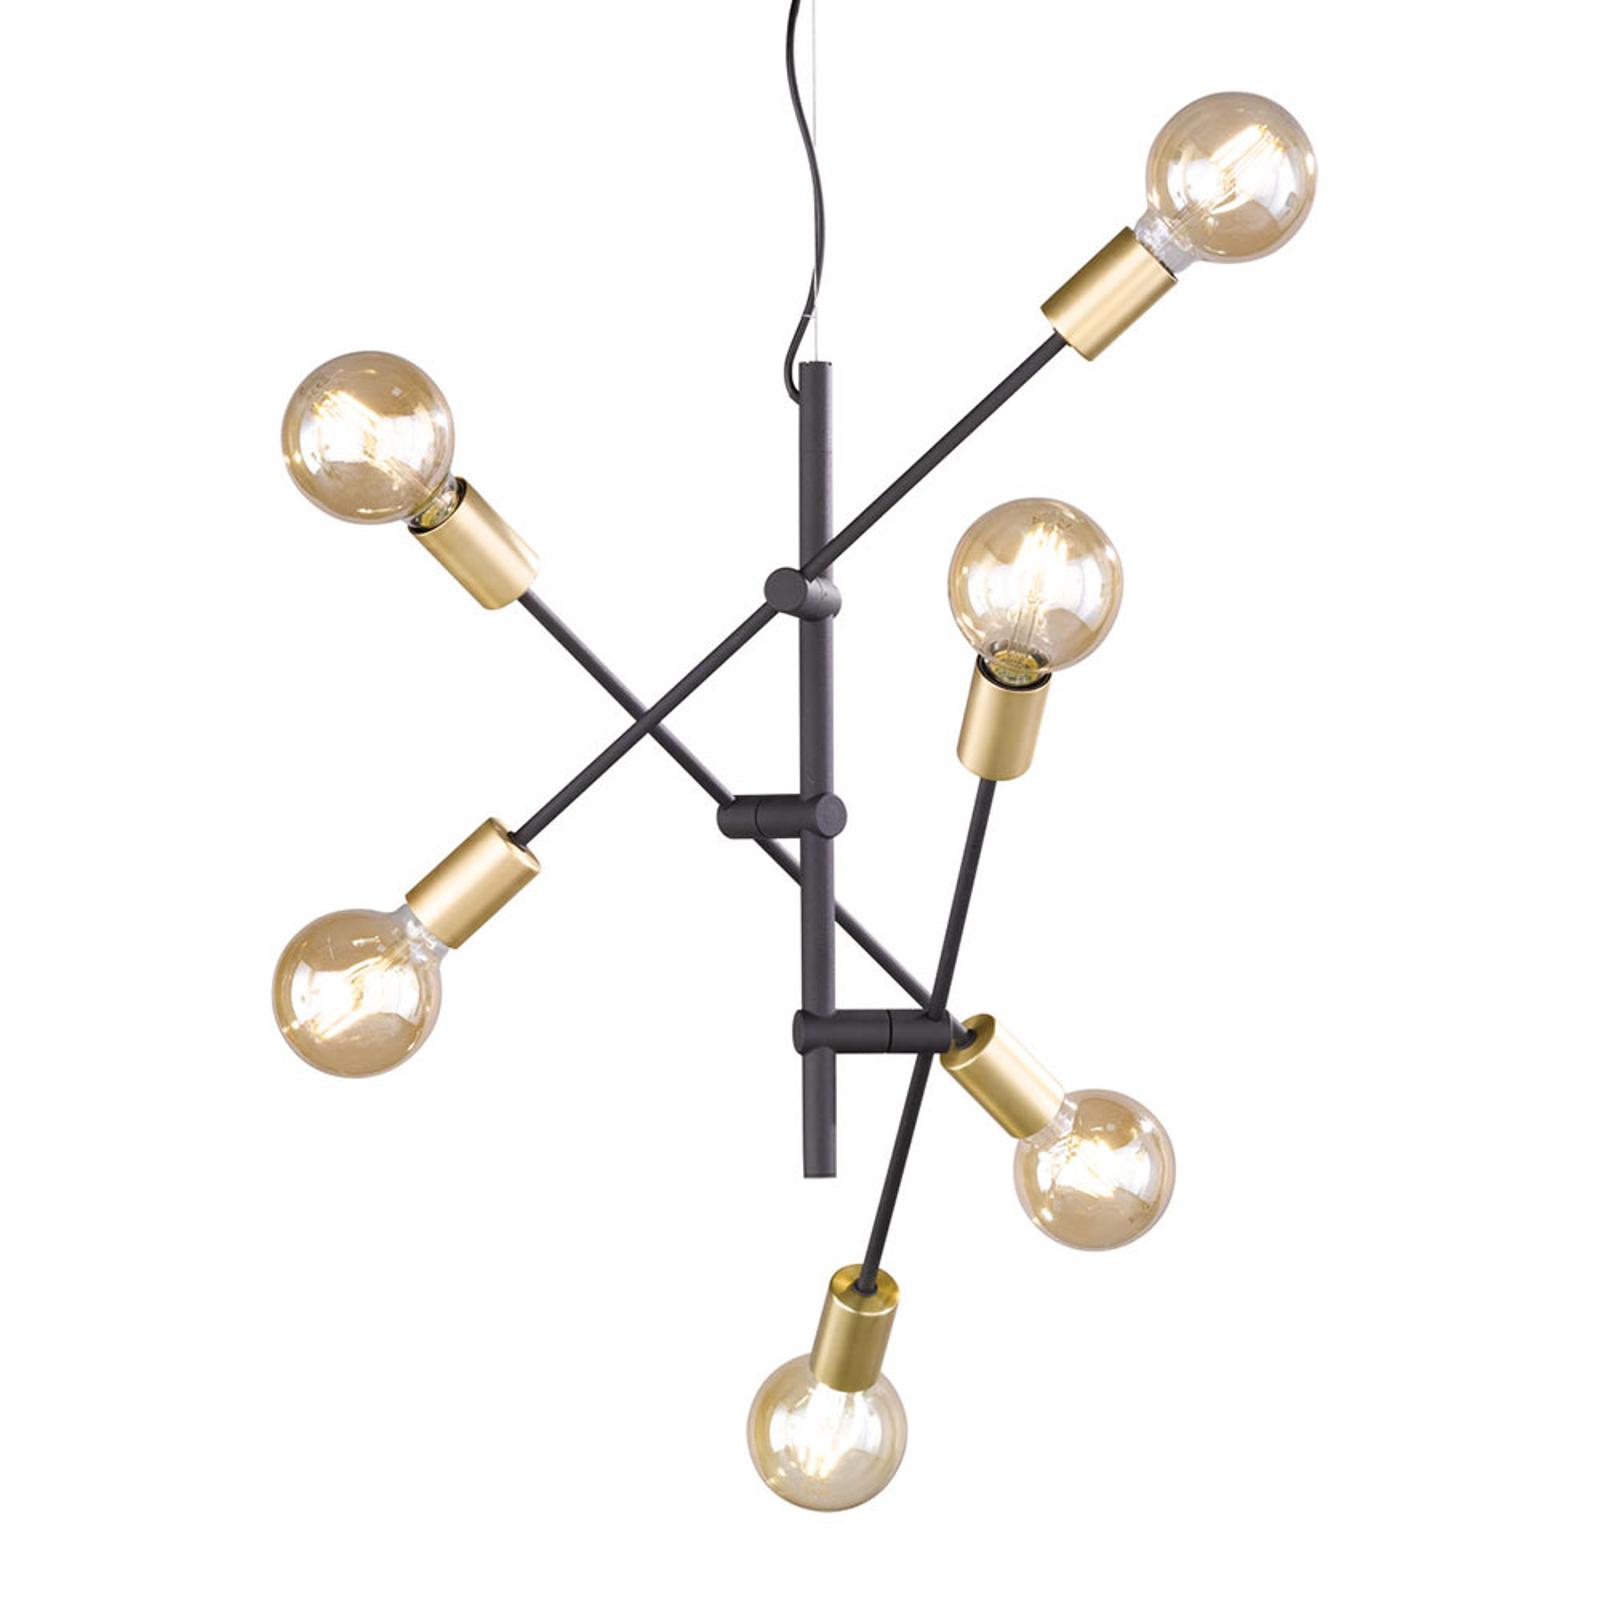 Minimalistisch gestaltete Pendelleuchte Cross